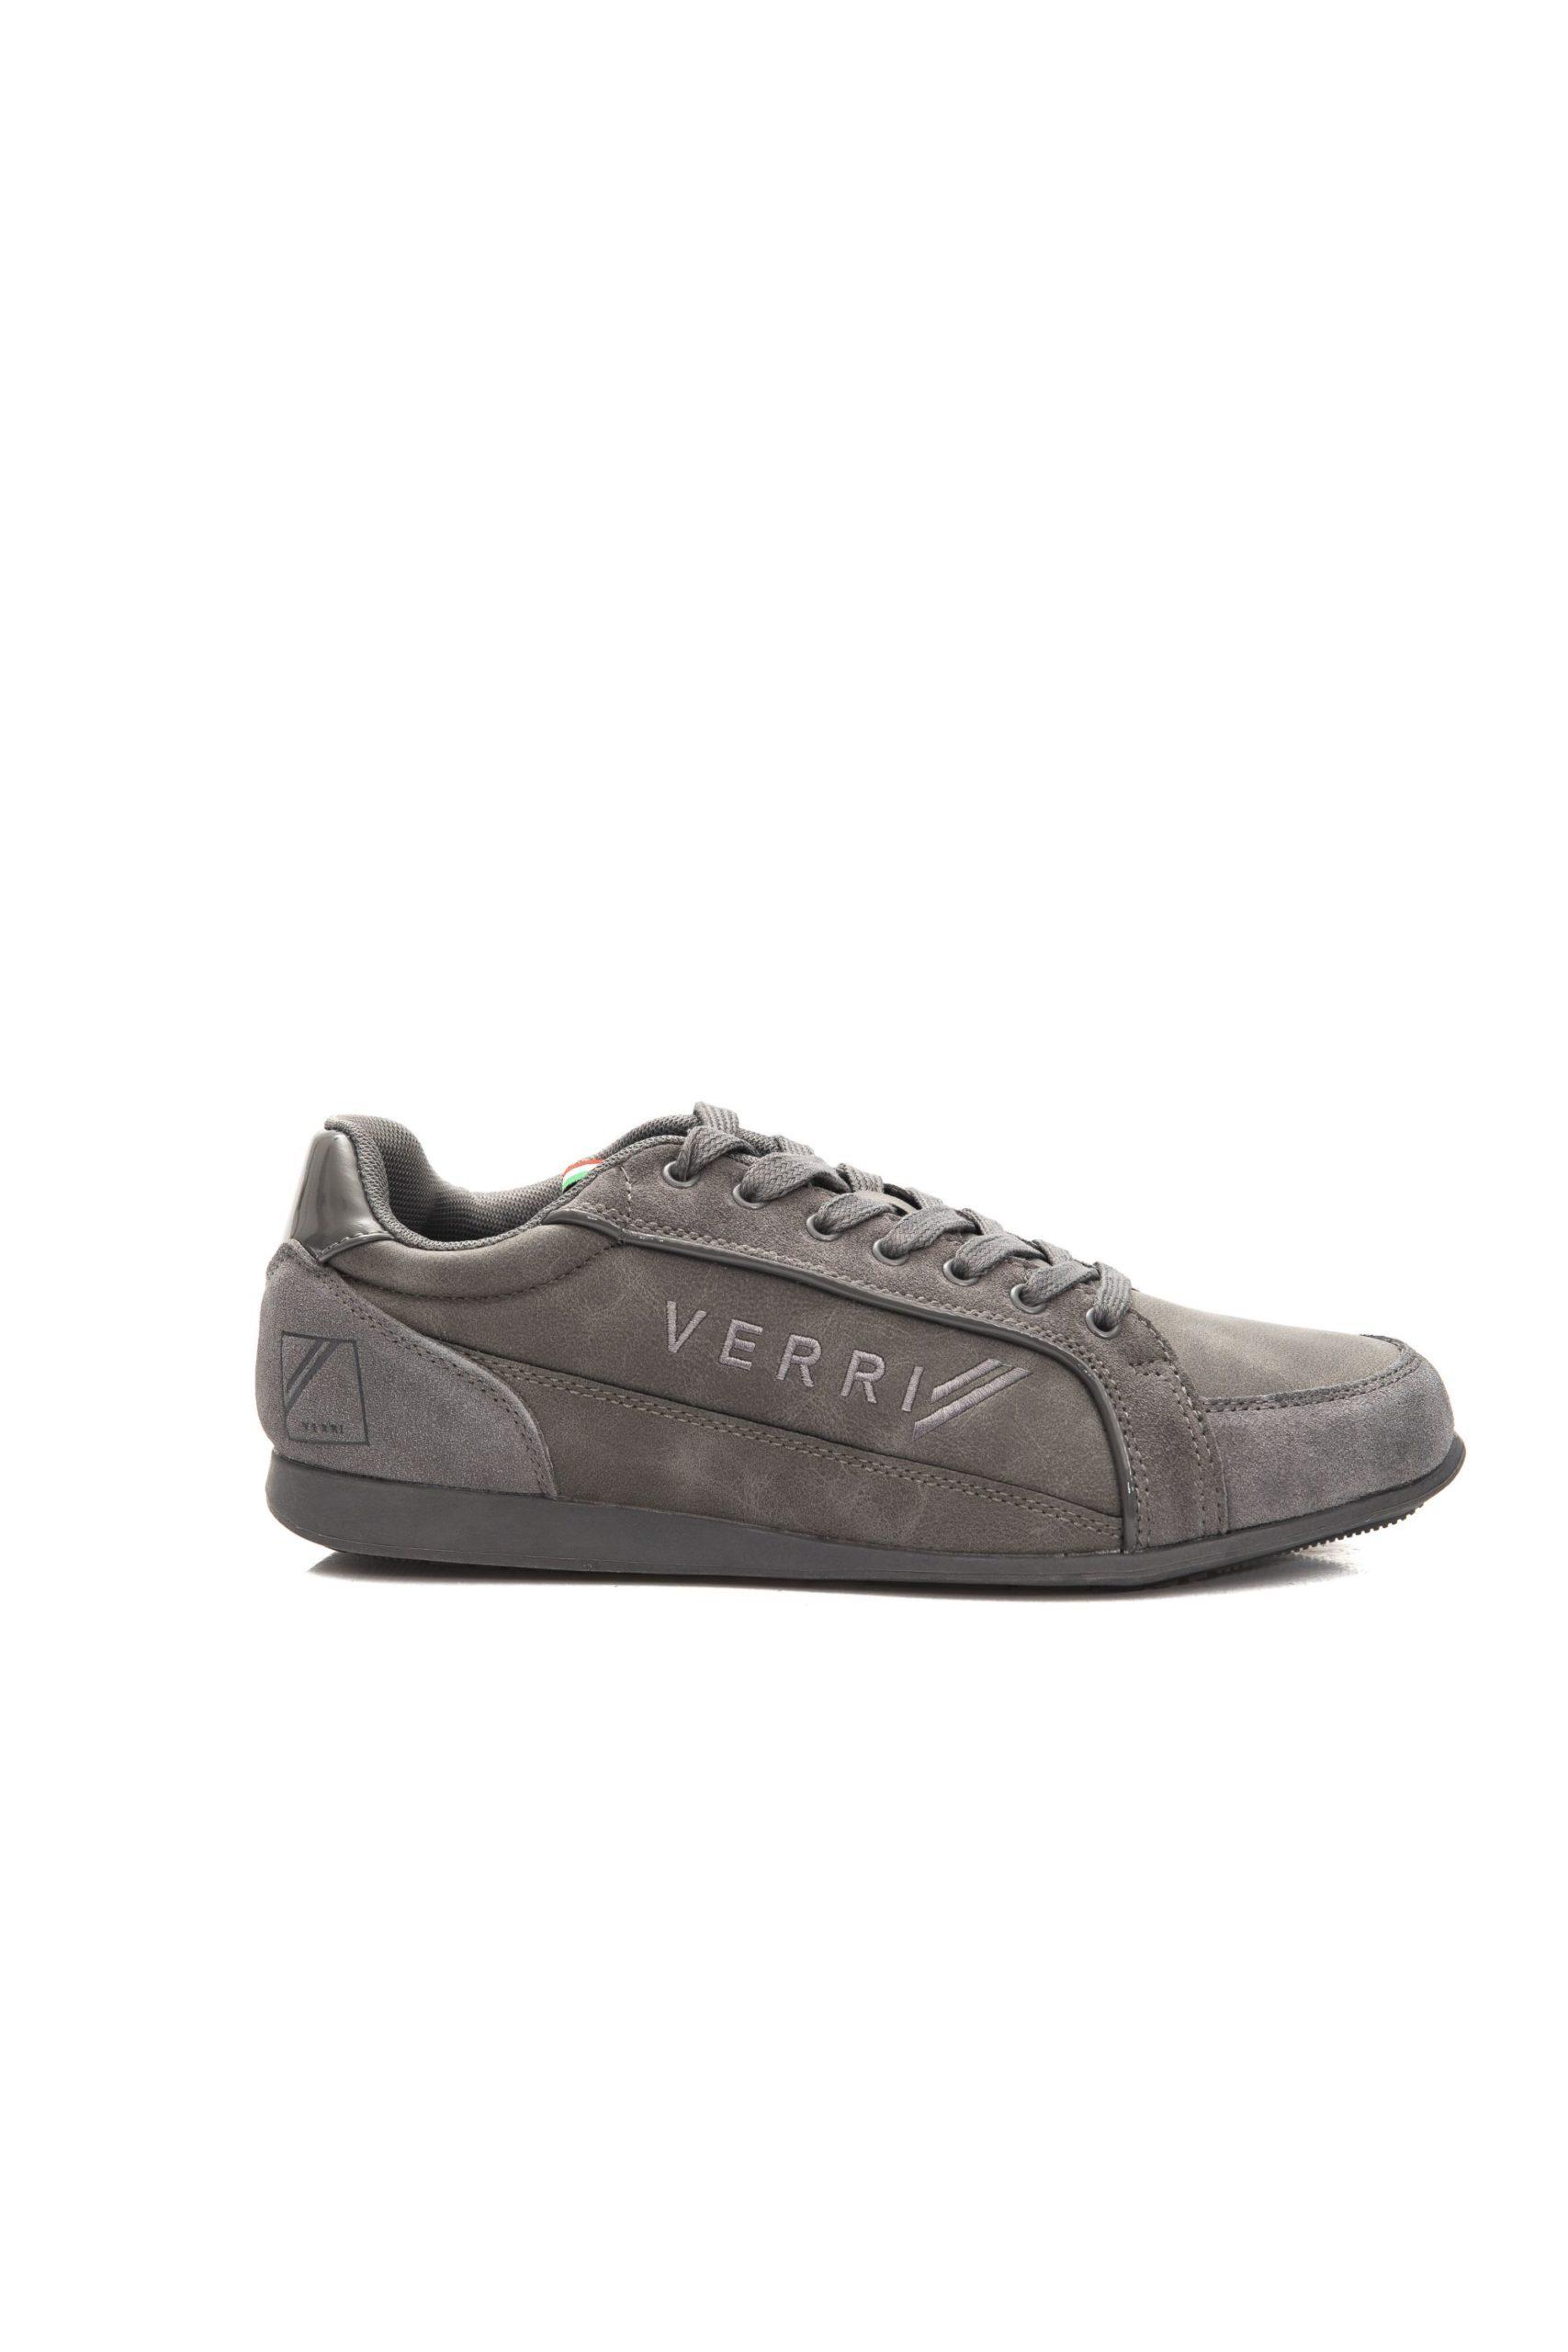 Verri Men's Trainers Gray VE663849 - EU41/US8